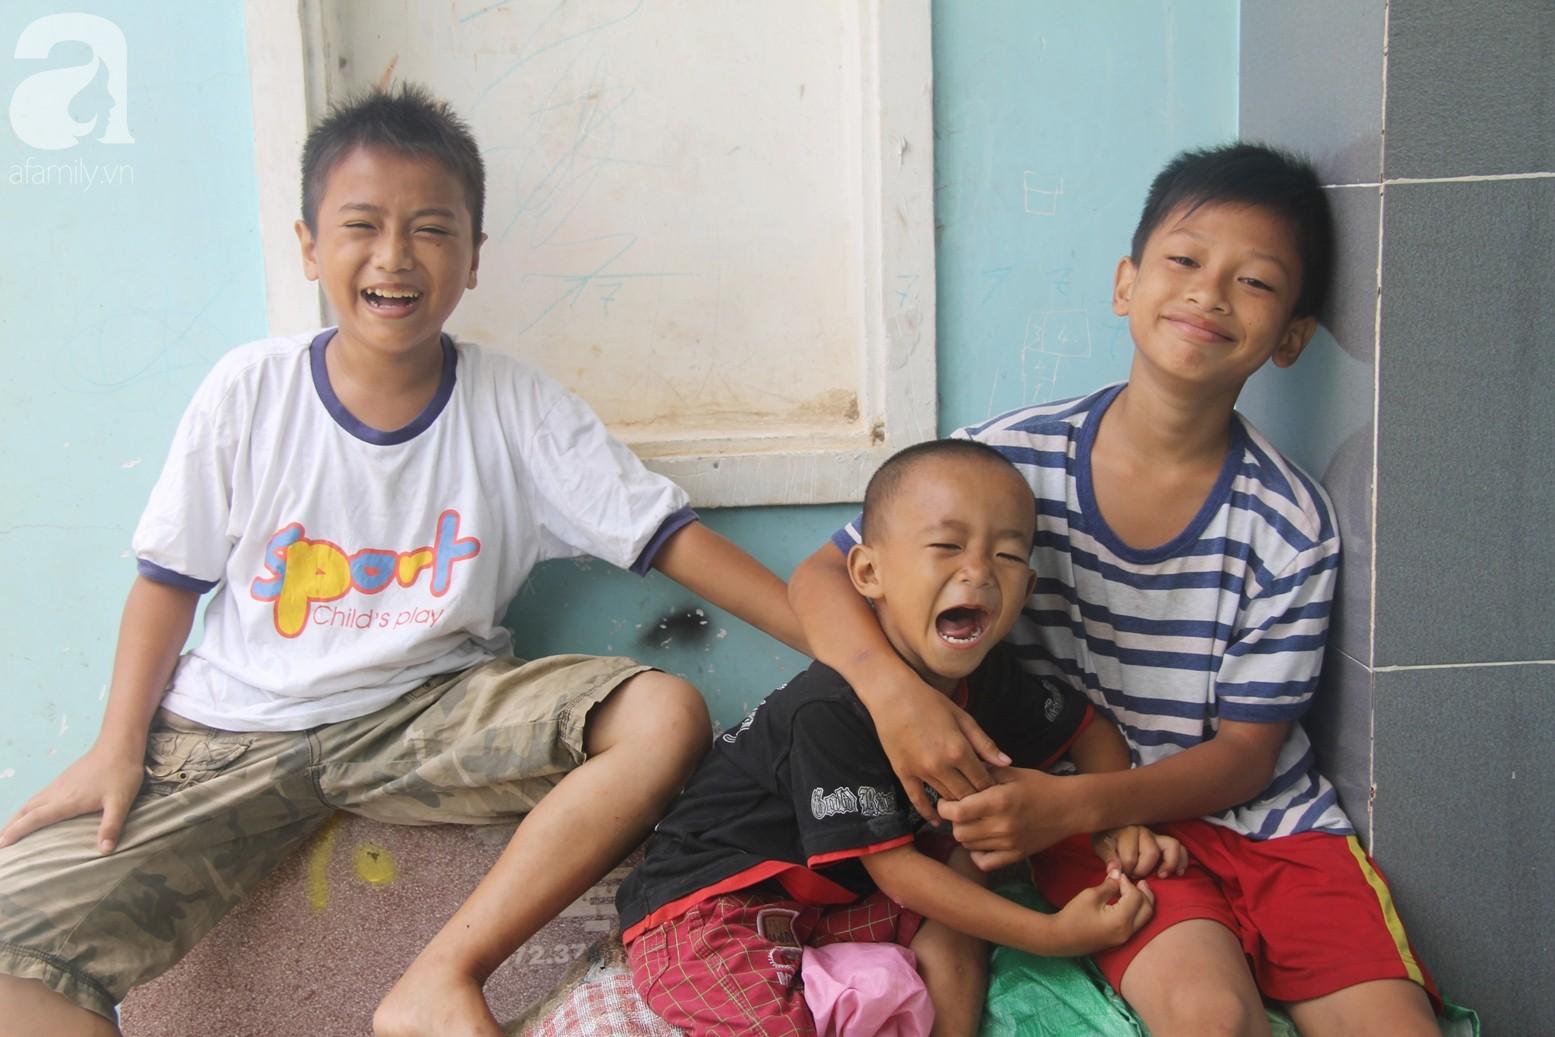 Phép màu đến với 8 đứa trẻ sống nheo nhóc bên bà ngoại già bại liệt: Tụi con ăn cơm với cá thịt và sắp được đến trường - Ảnh 10.